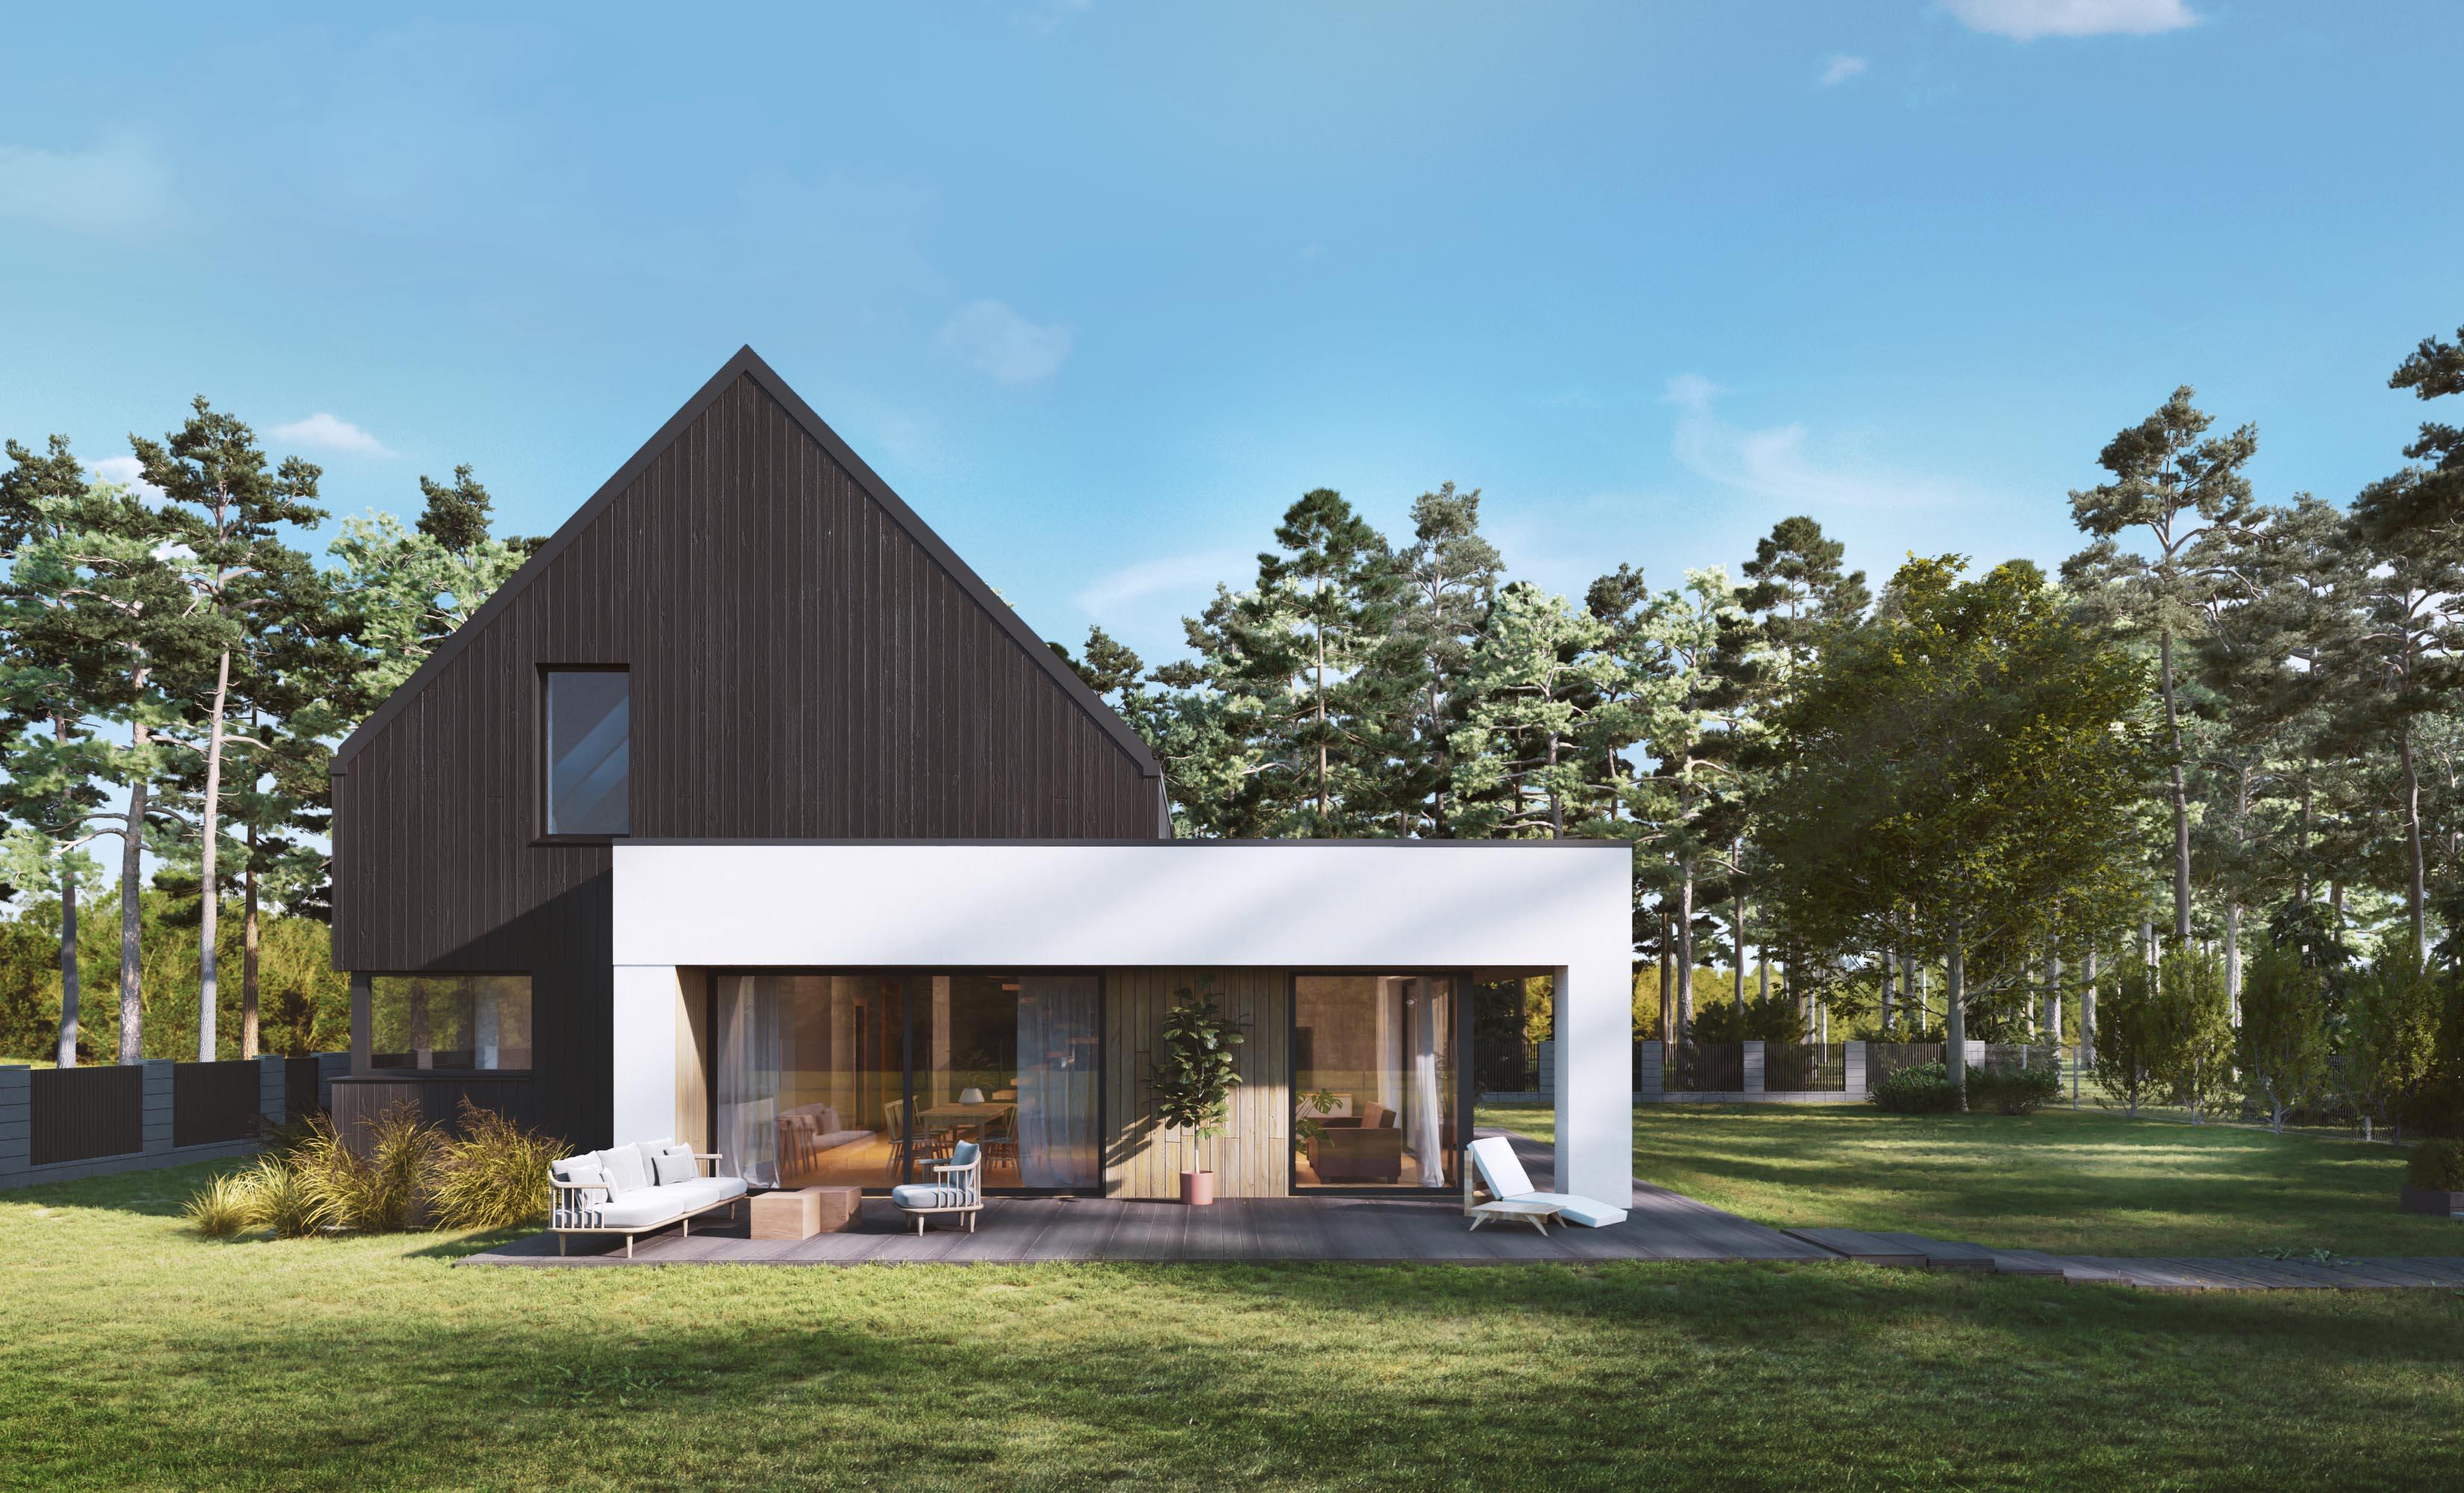 projekt domu nowoczesny stodoła, elewacja z drewna